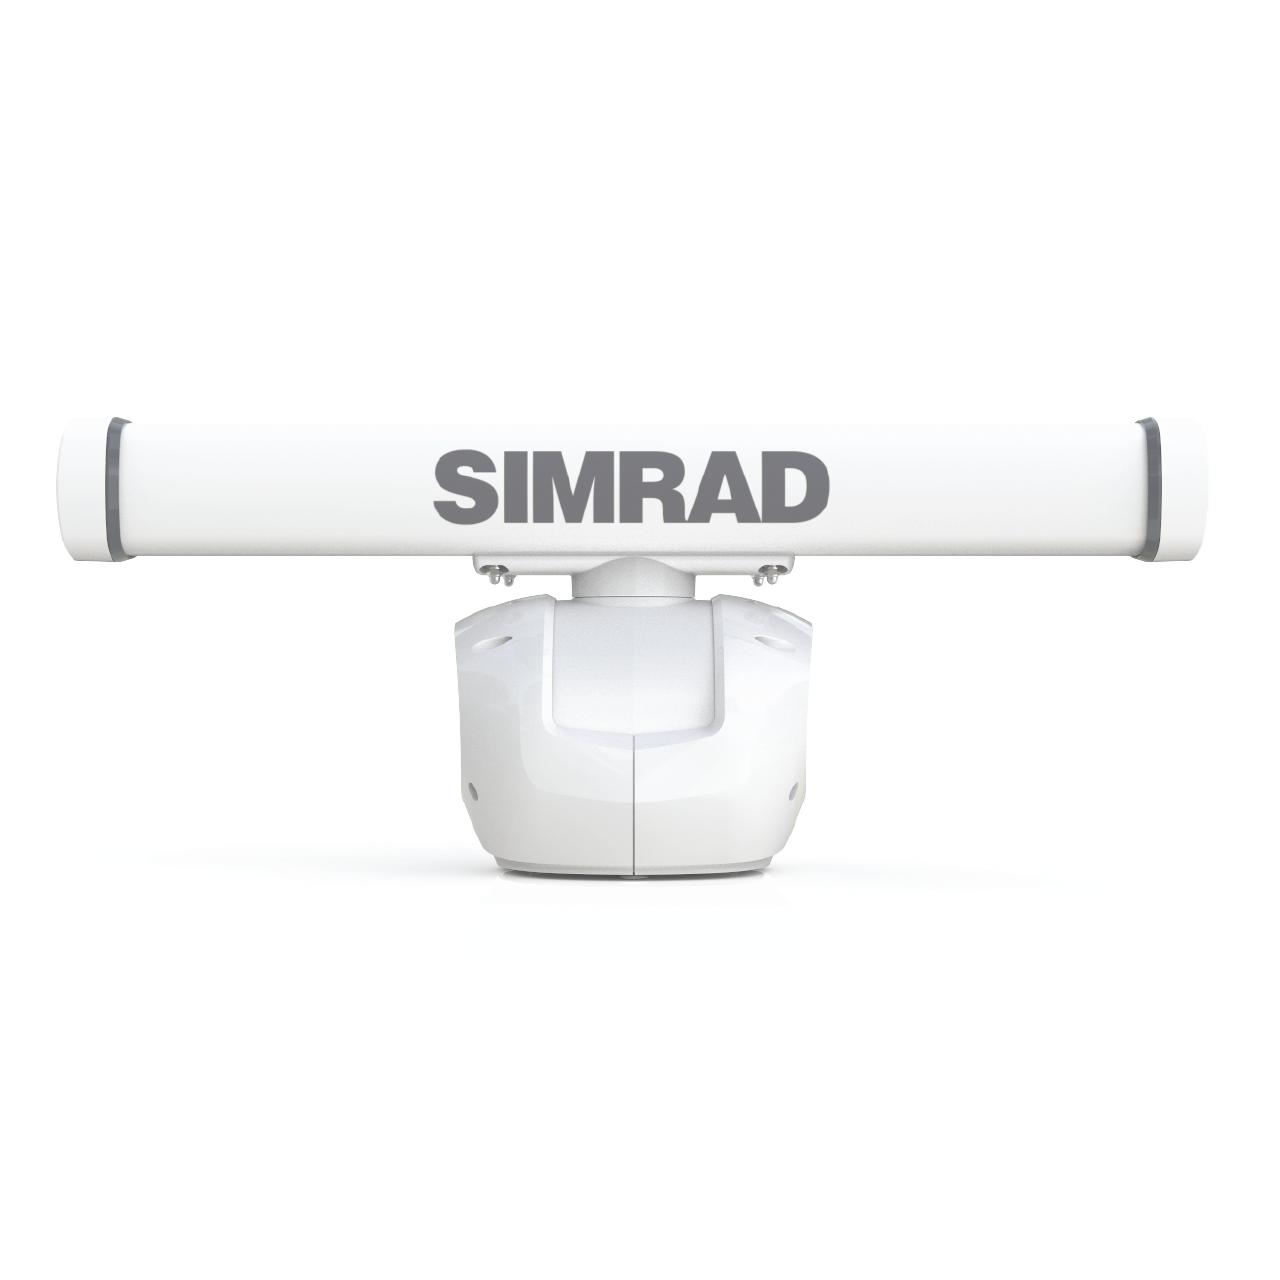 Simrad HALO 3 Radar